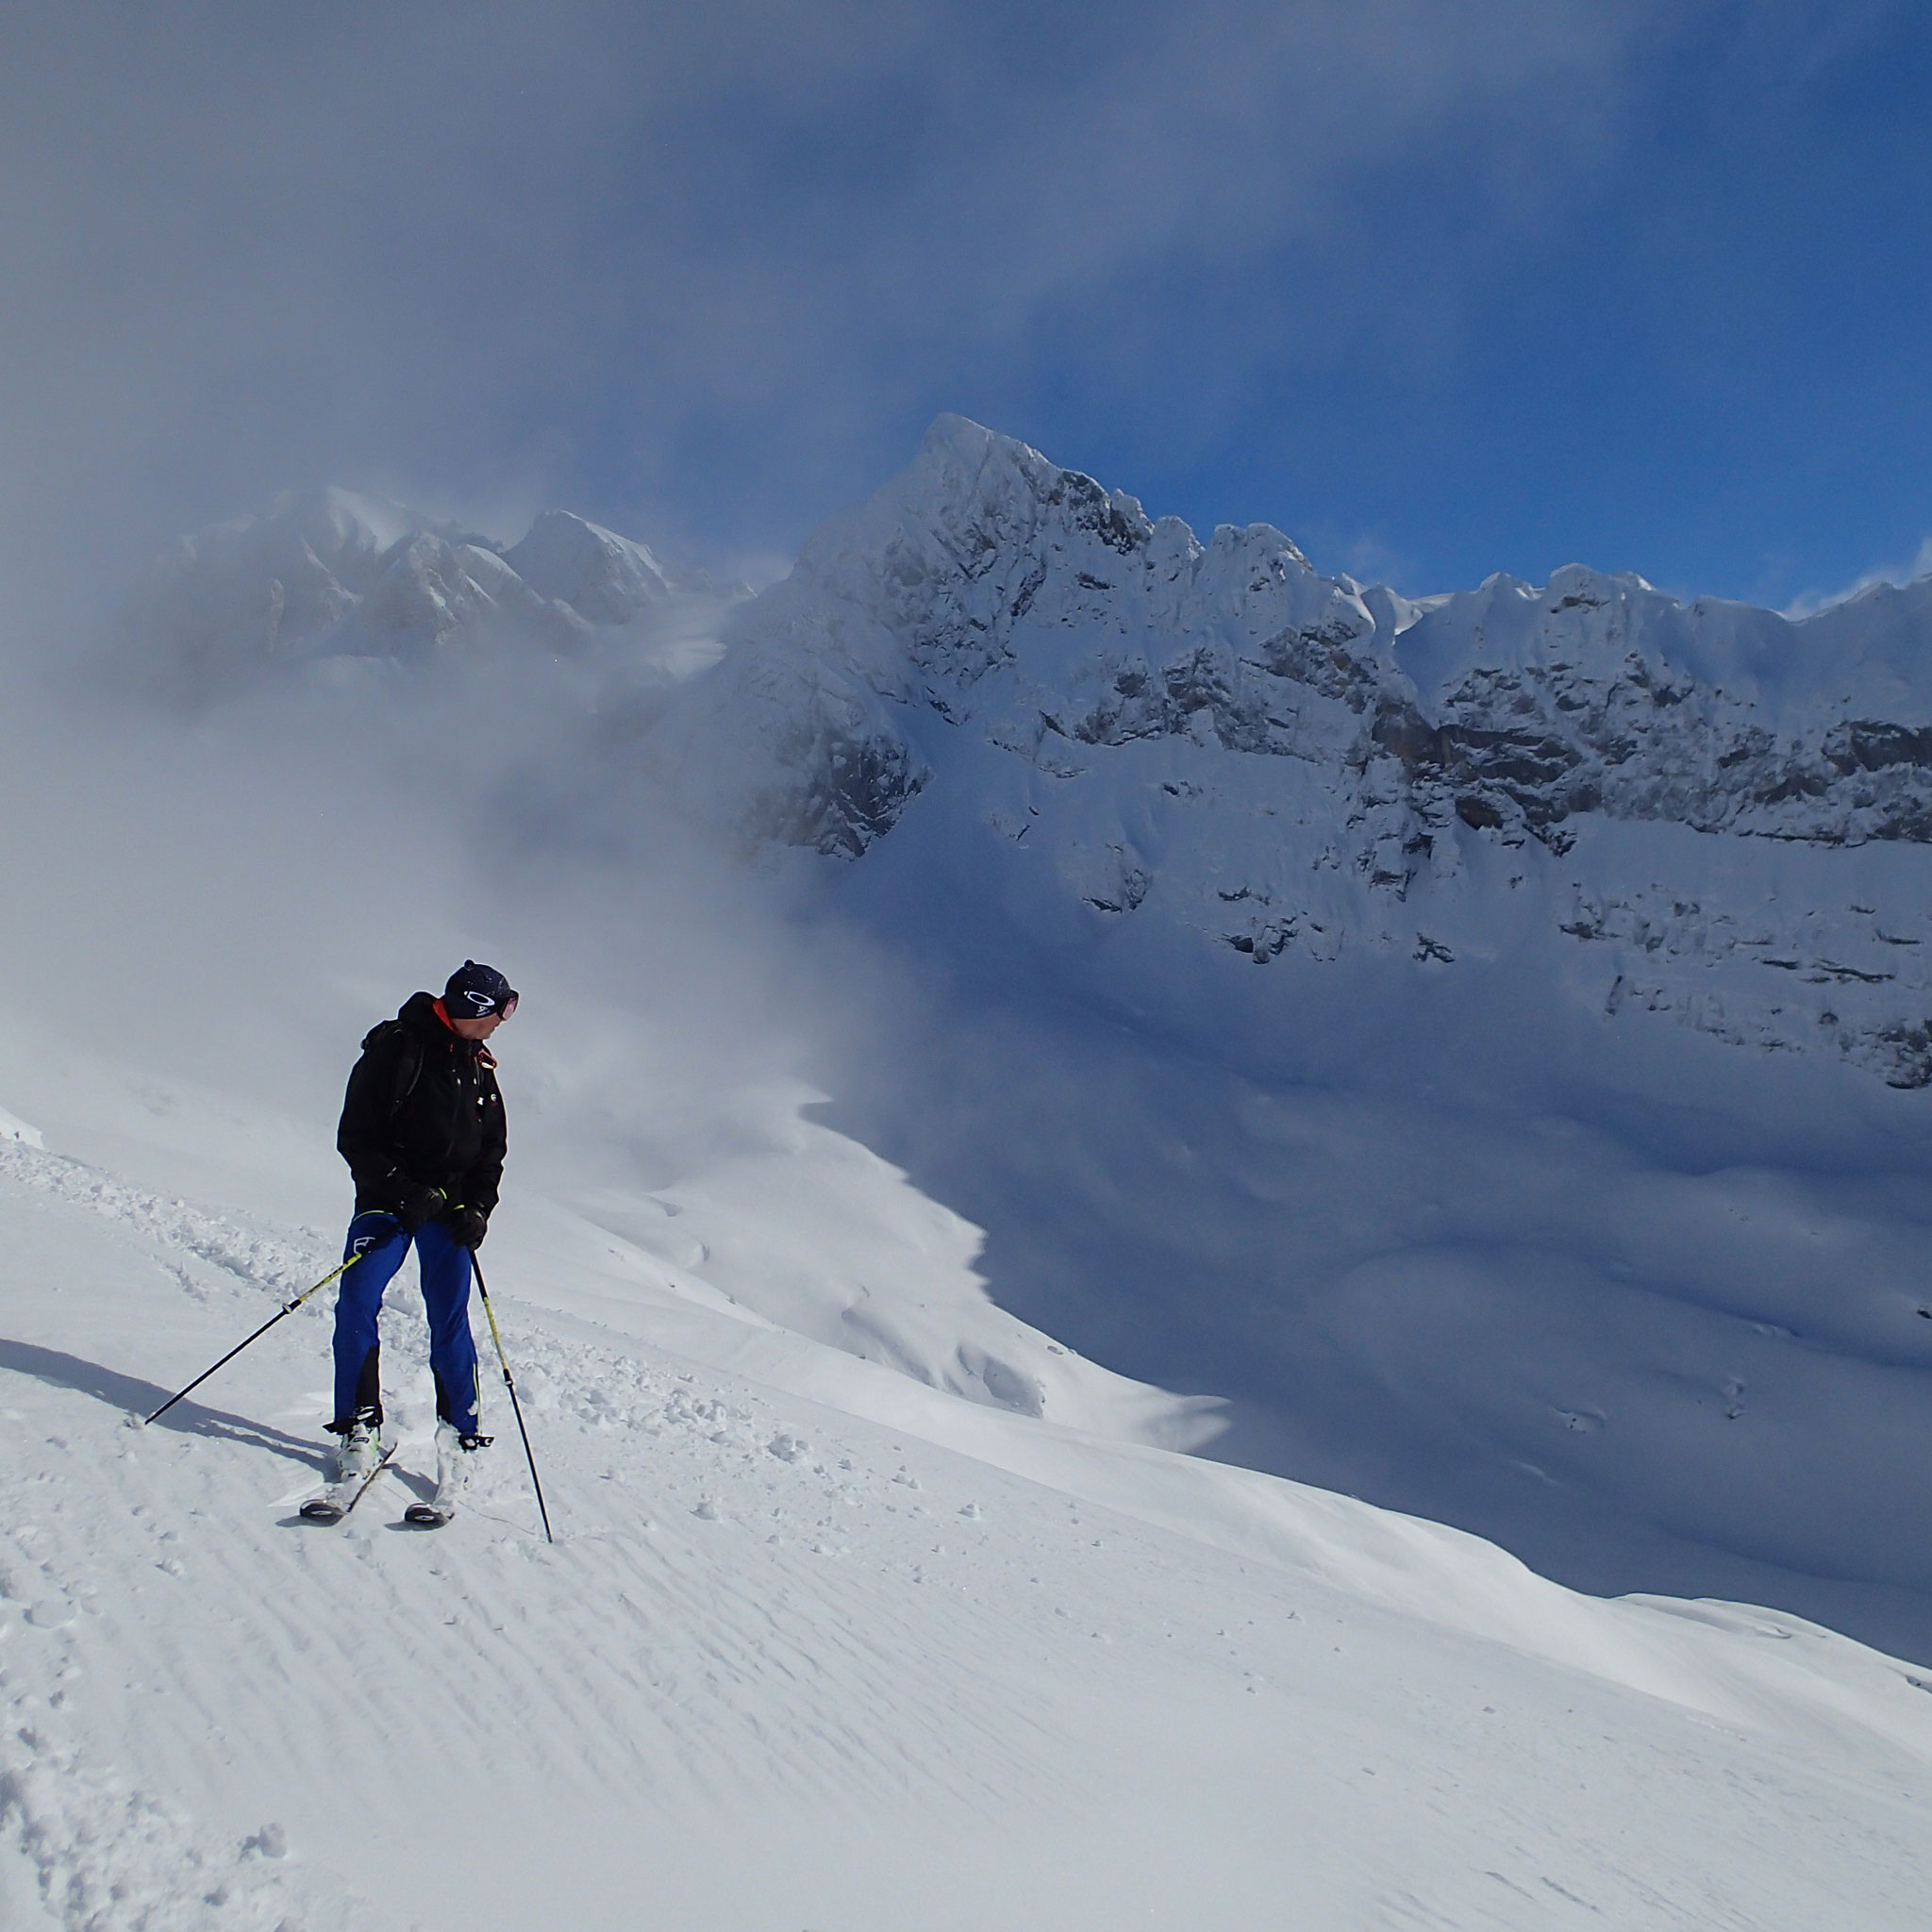 Un régal à la descente. Soleil et super neige !!